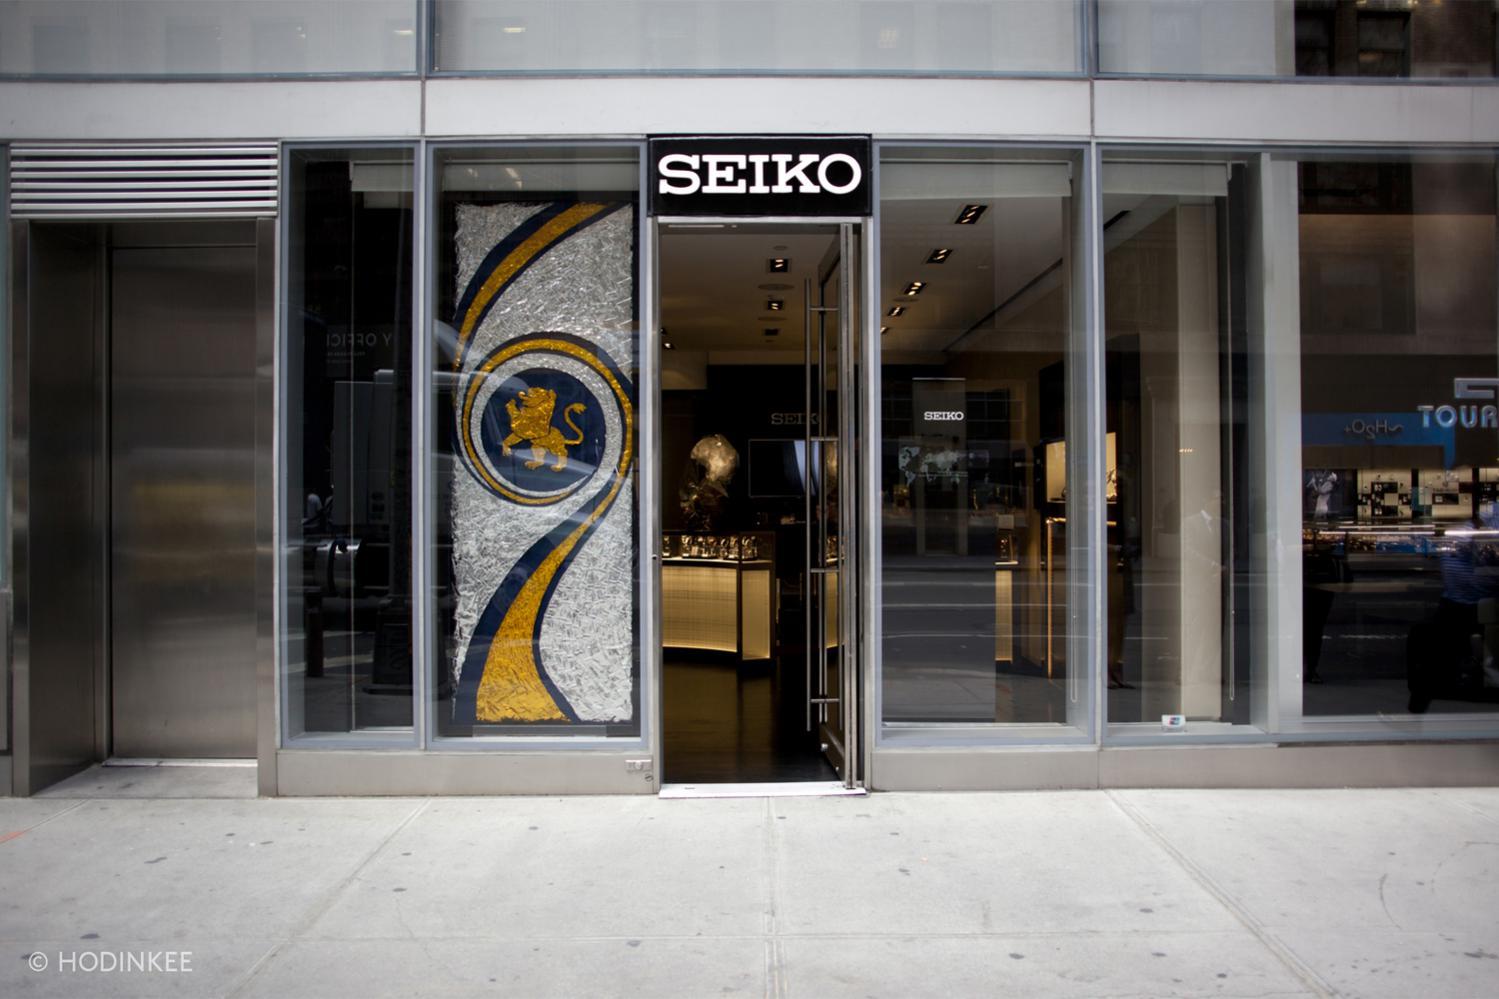 Naziv: seiko-butik.jpg, pregleda: 235, veličina: 146,6 KB